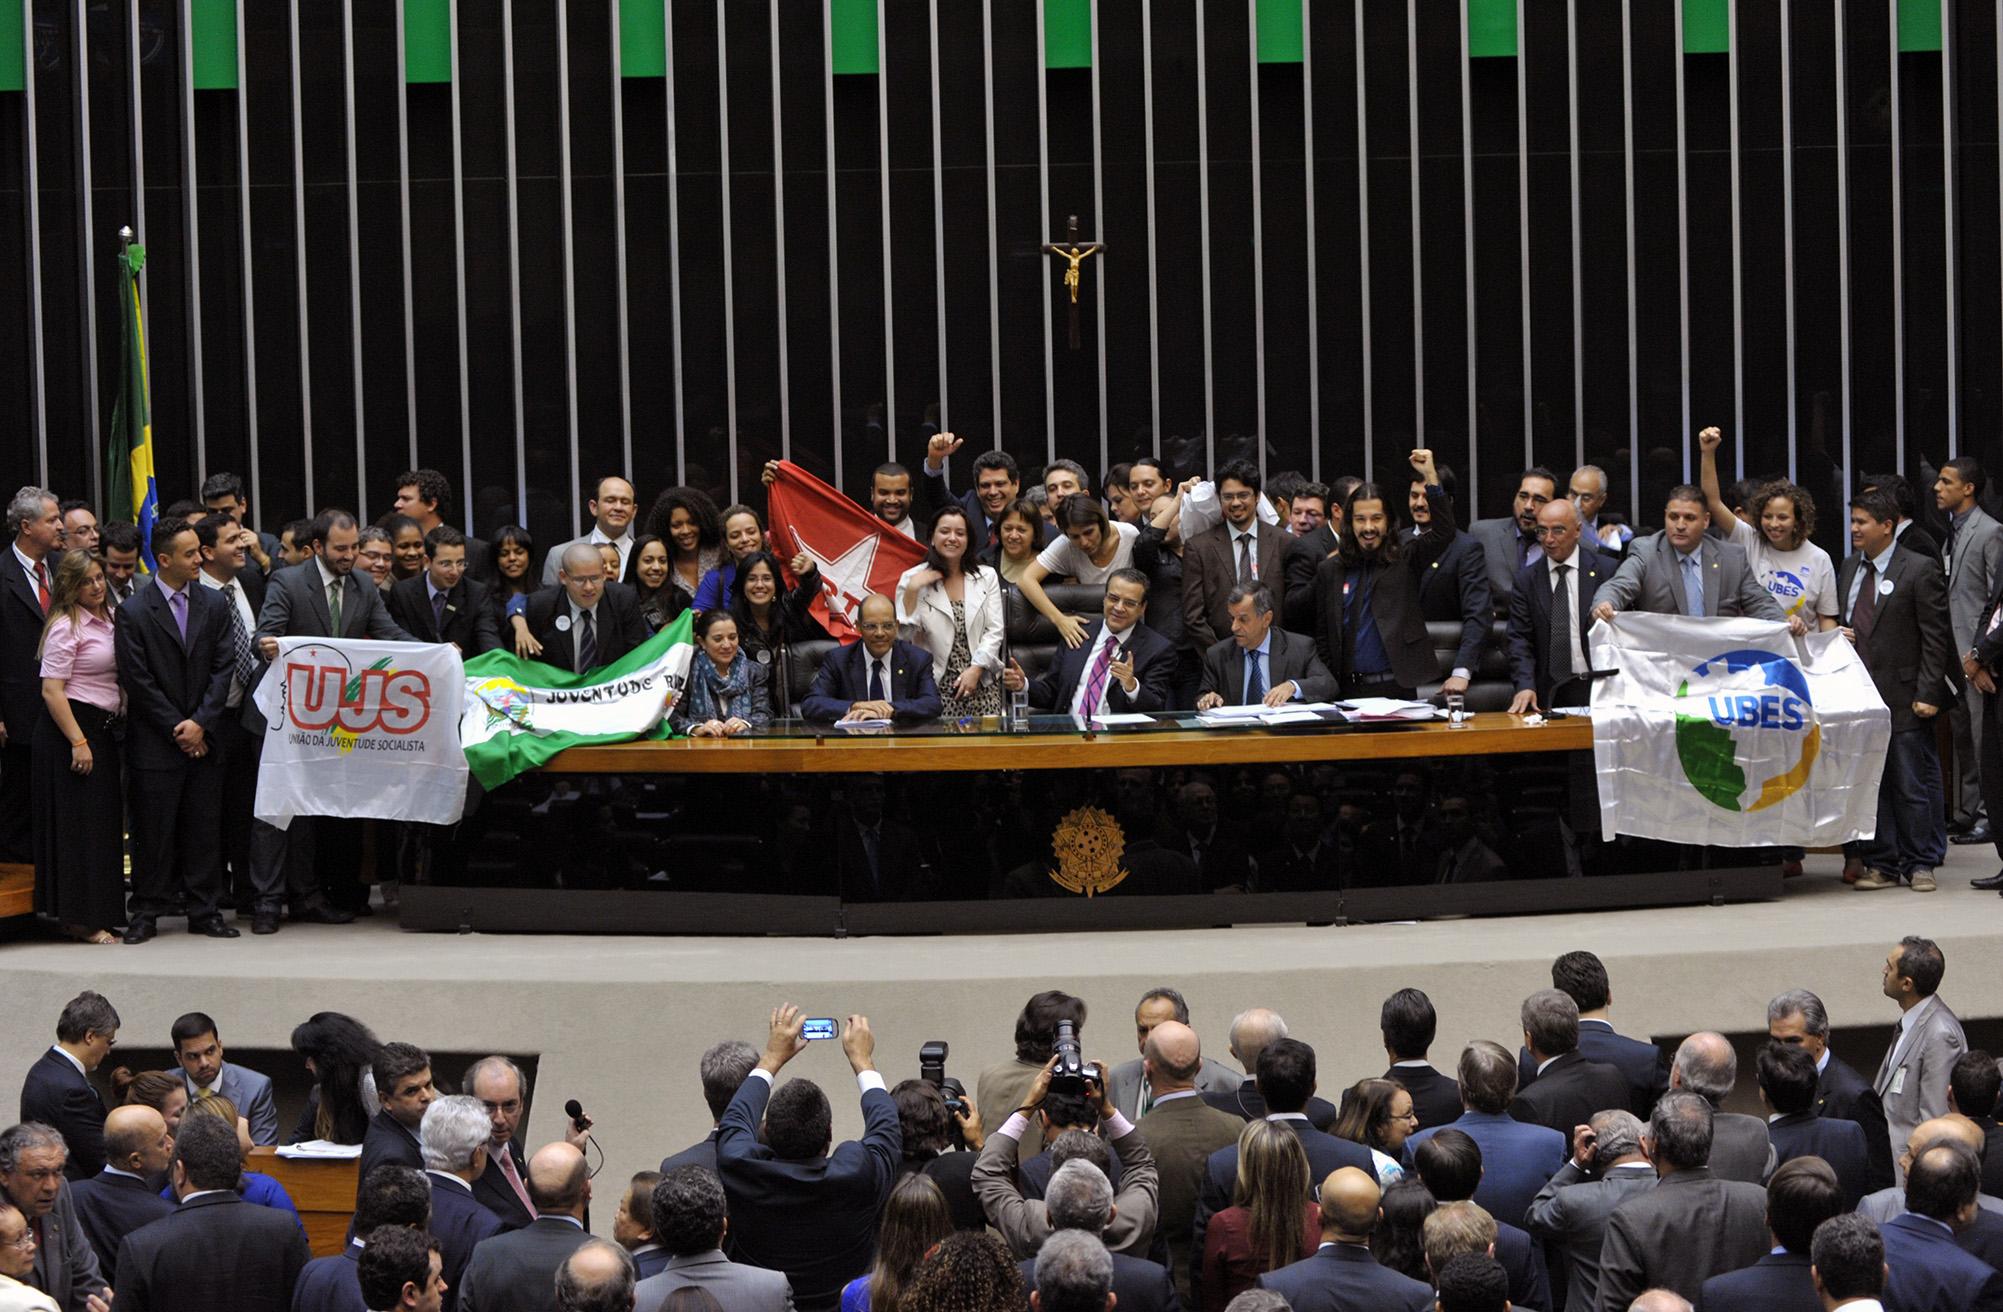 Jovens comemoram com Deputados a aprovação do Estatuto na Câmara (Foto: Luis Macedo/Câmara dos Deputados)